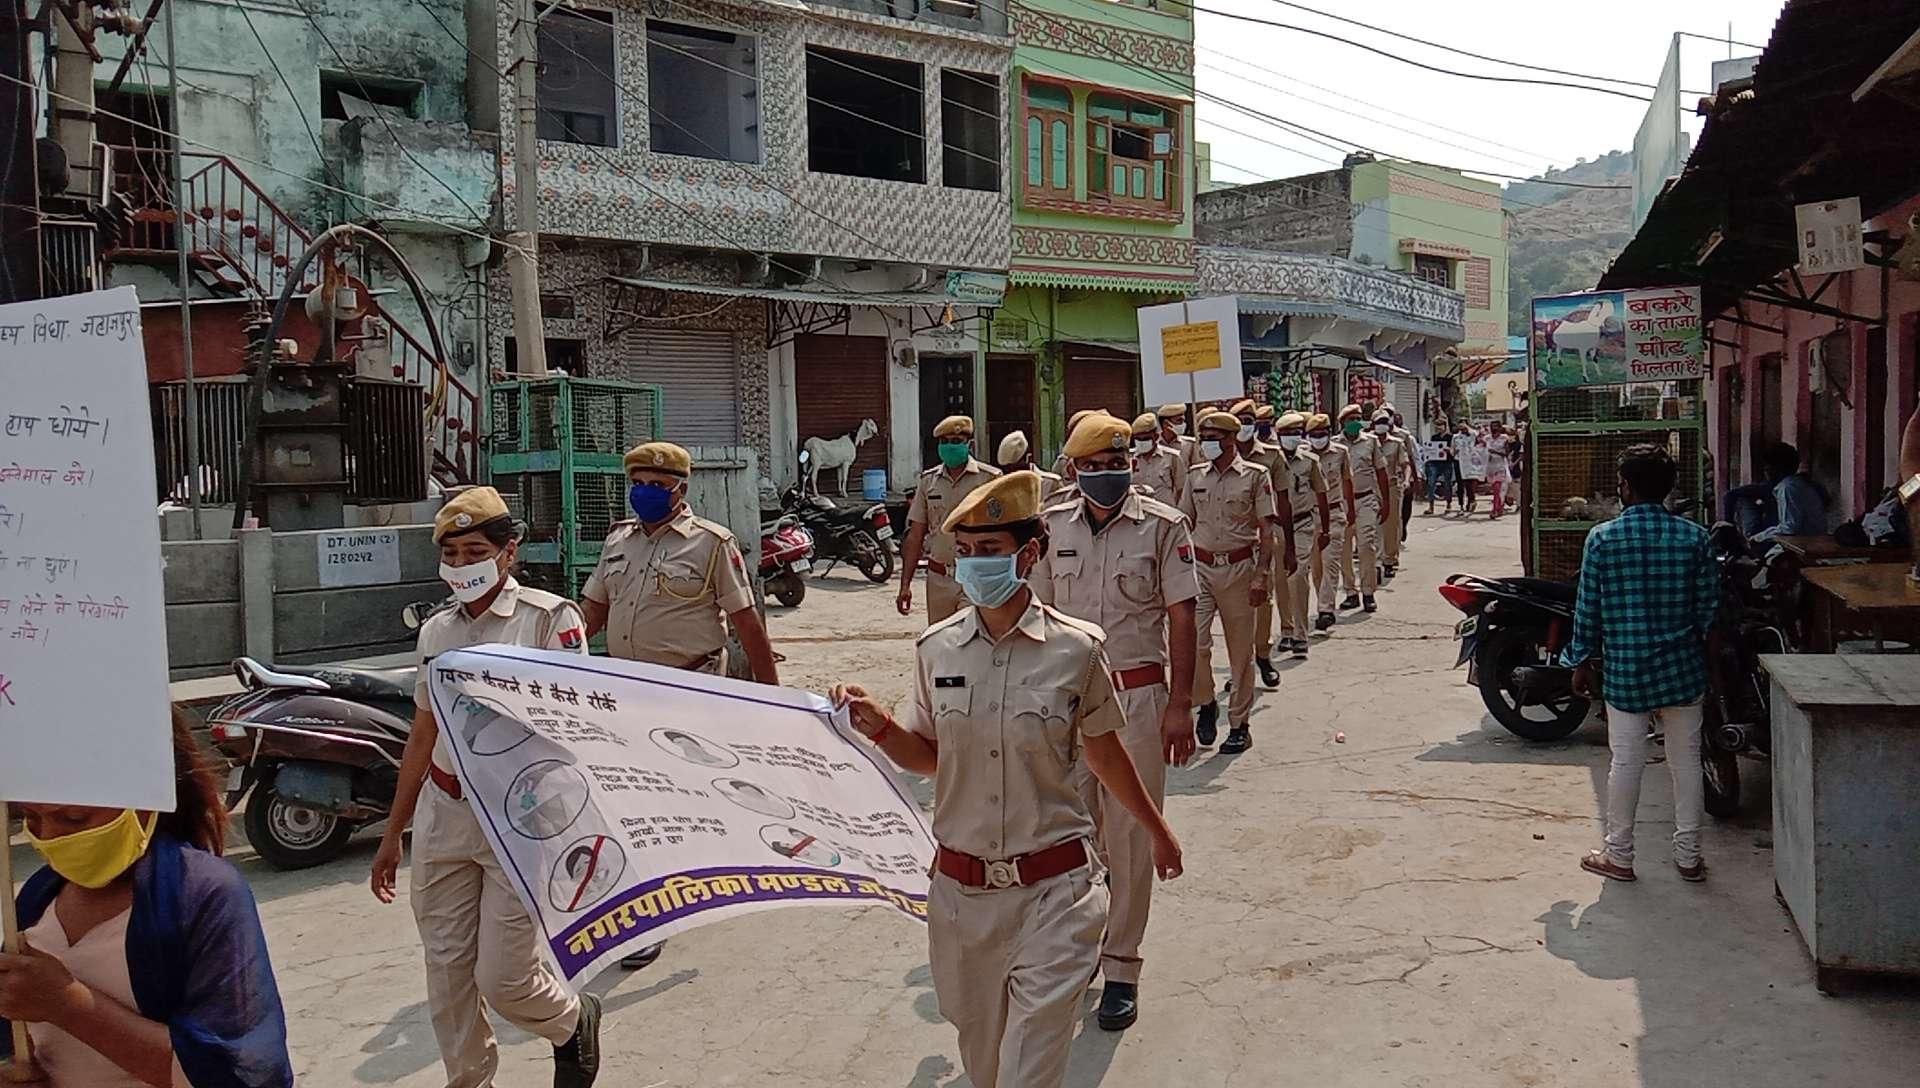 पुलिस के जवान,आंगनबाड़ी कार्यकर्ताओं और बच्चों ने जागरूक रैली निकाली<br>